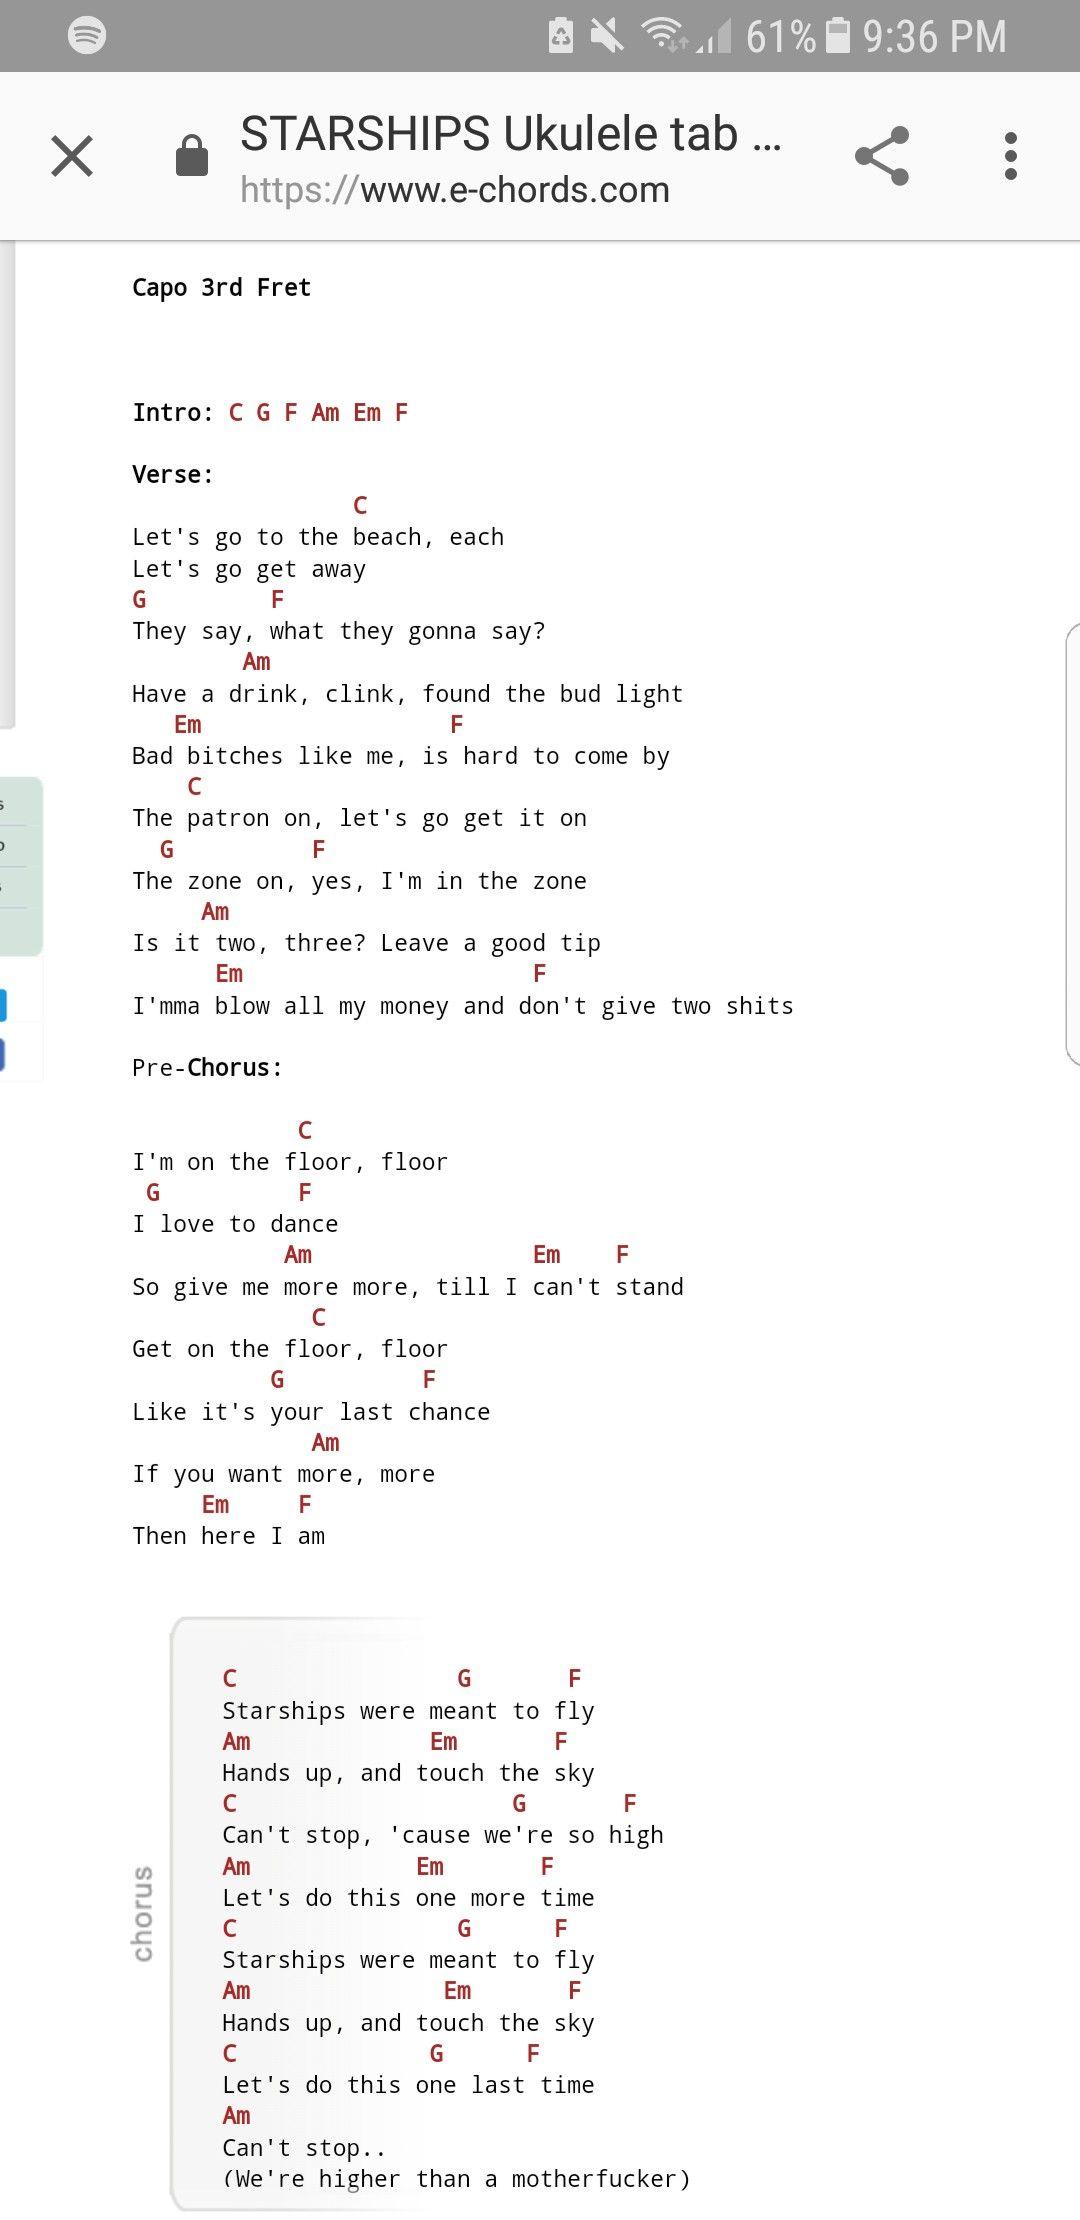 Starships Ukelele Chords Ukulele Music Ukelele Chords Ukelele Songs